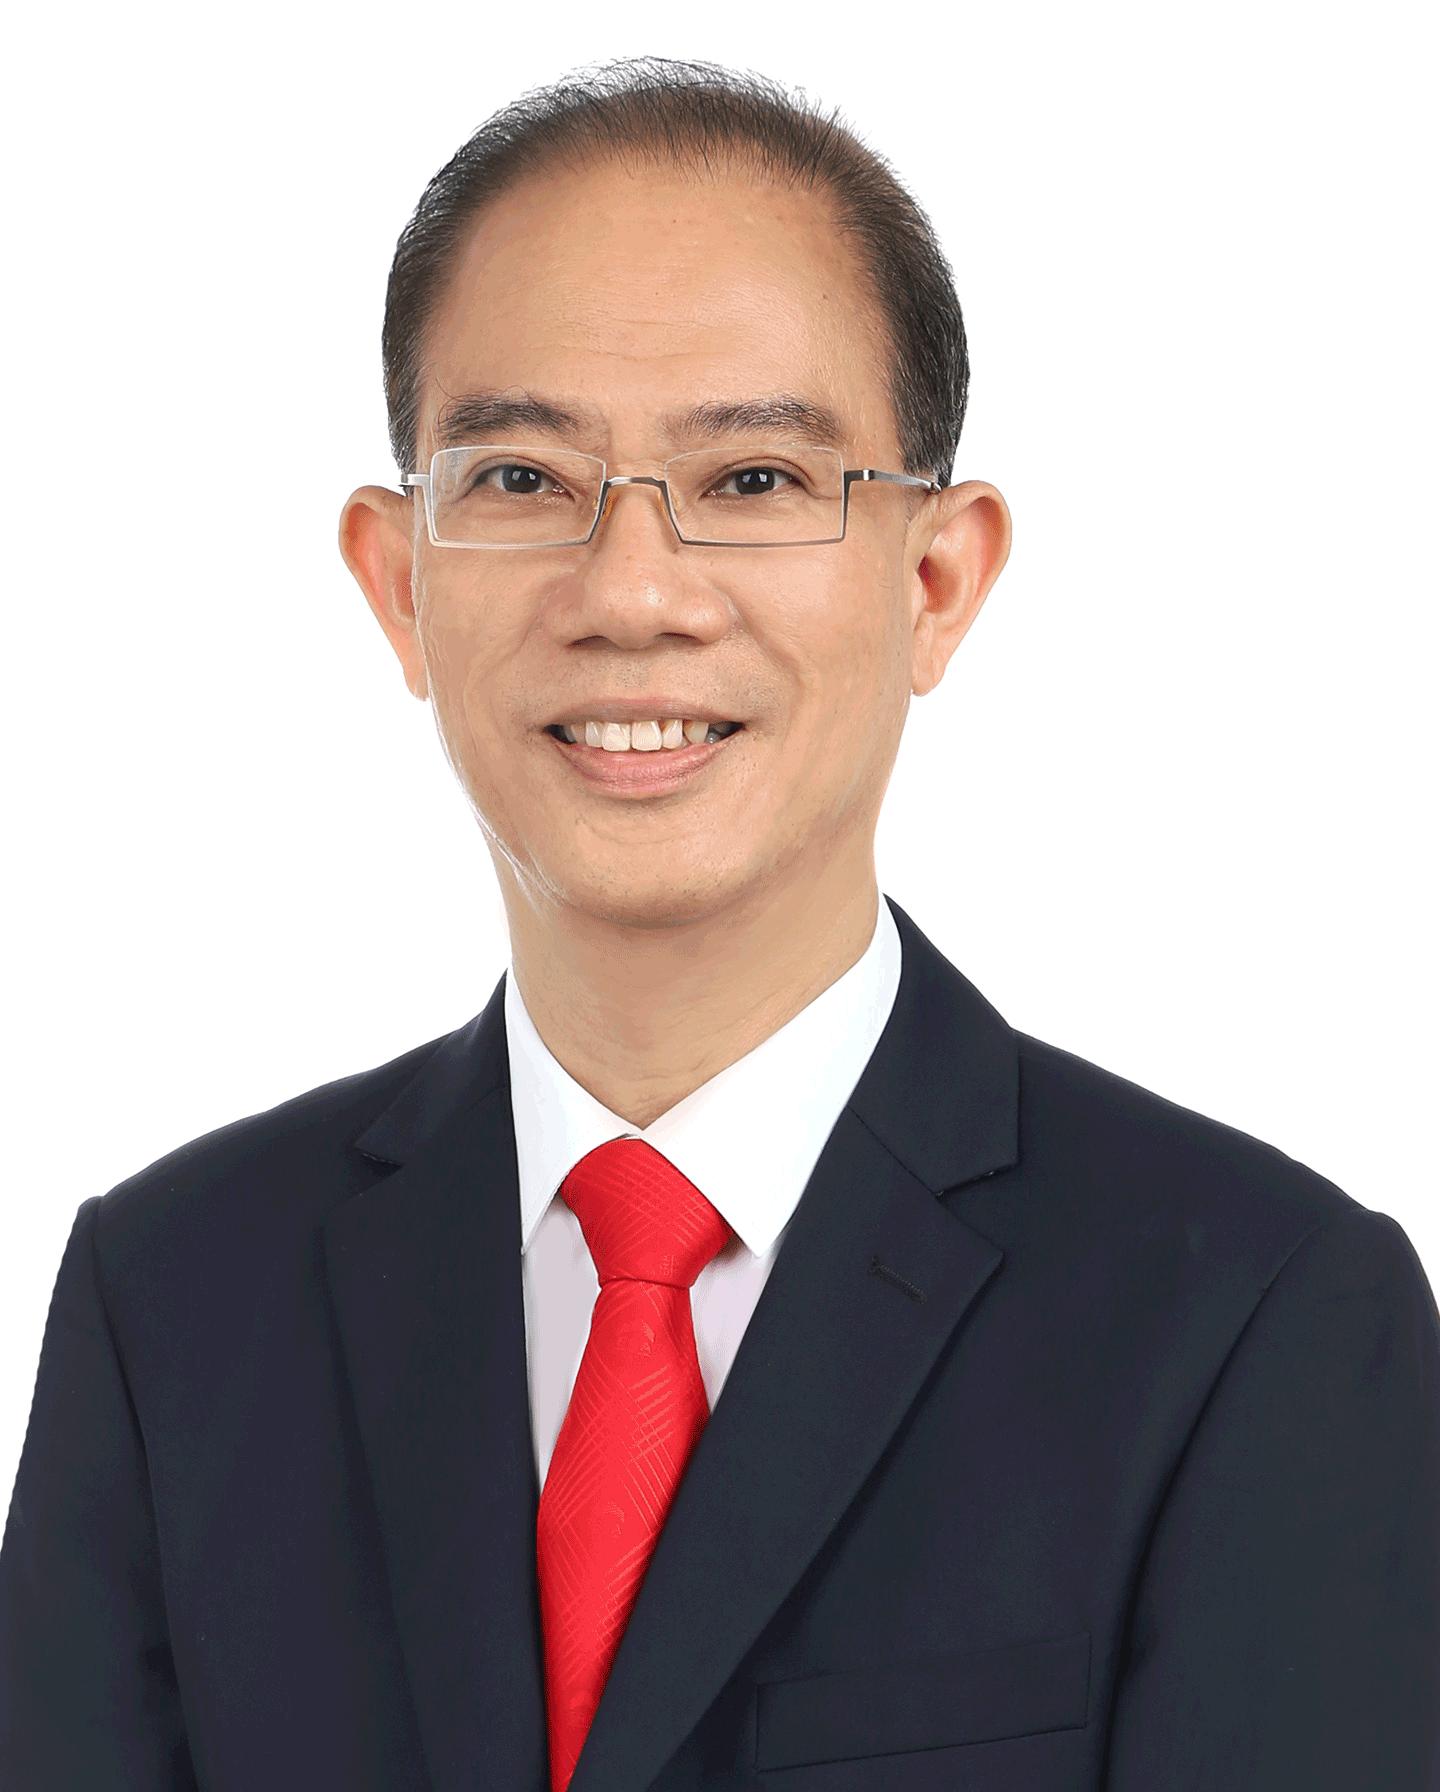 Ken Phang